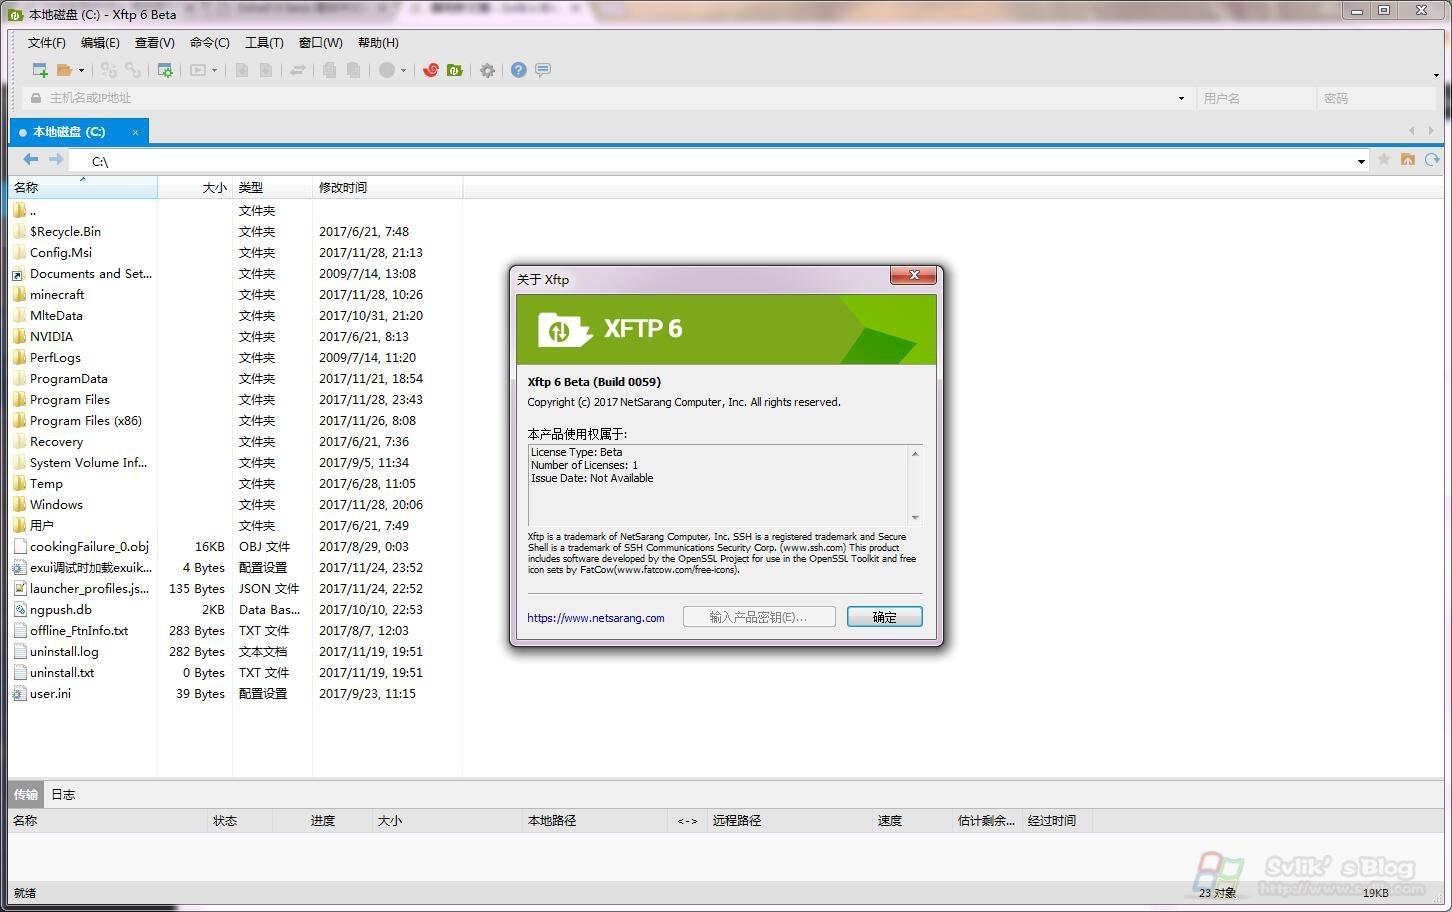 Xftp 6 Beta 简体中文版官方下载